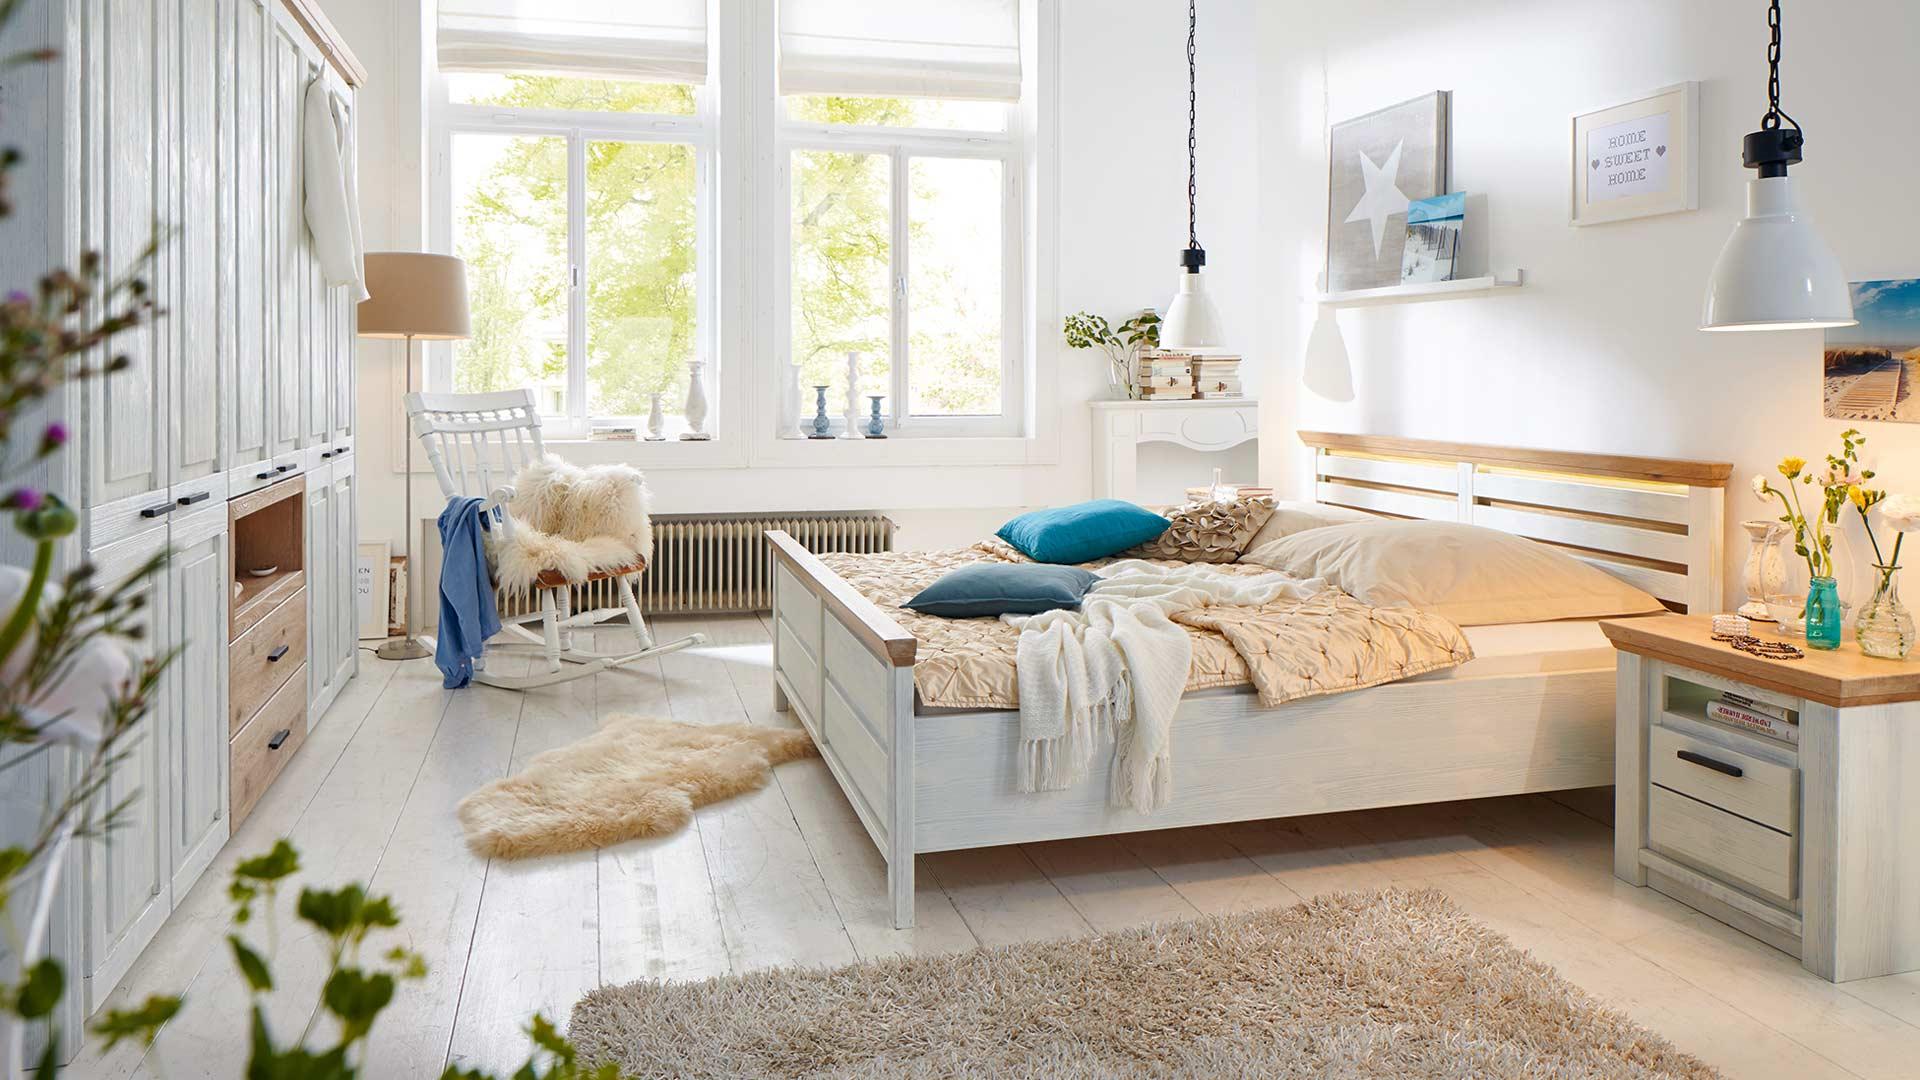 Möbel Hesse Garbsen möbel natura einrichten in garbsen nahe hannover möbel hesse